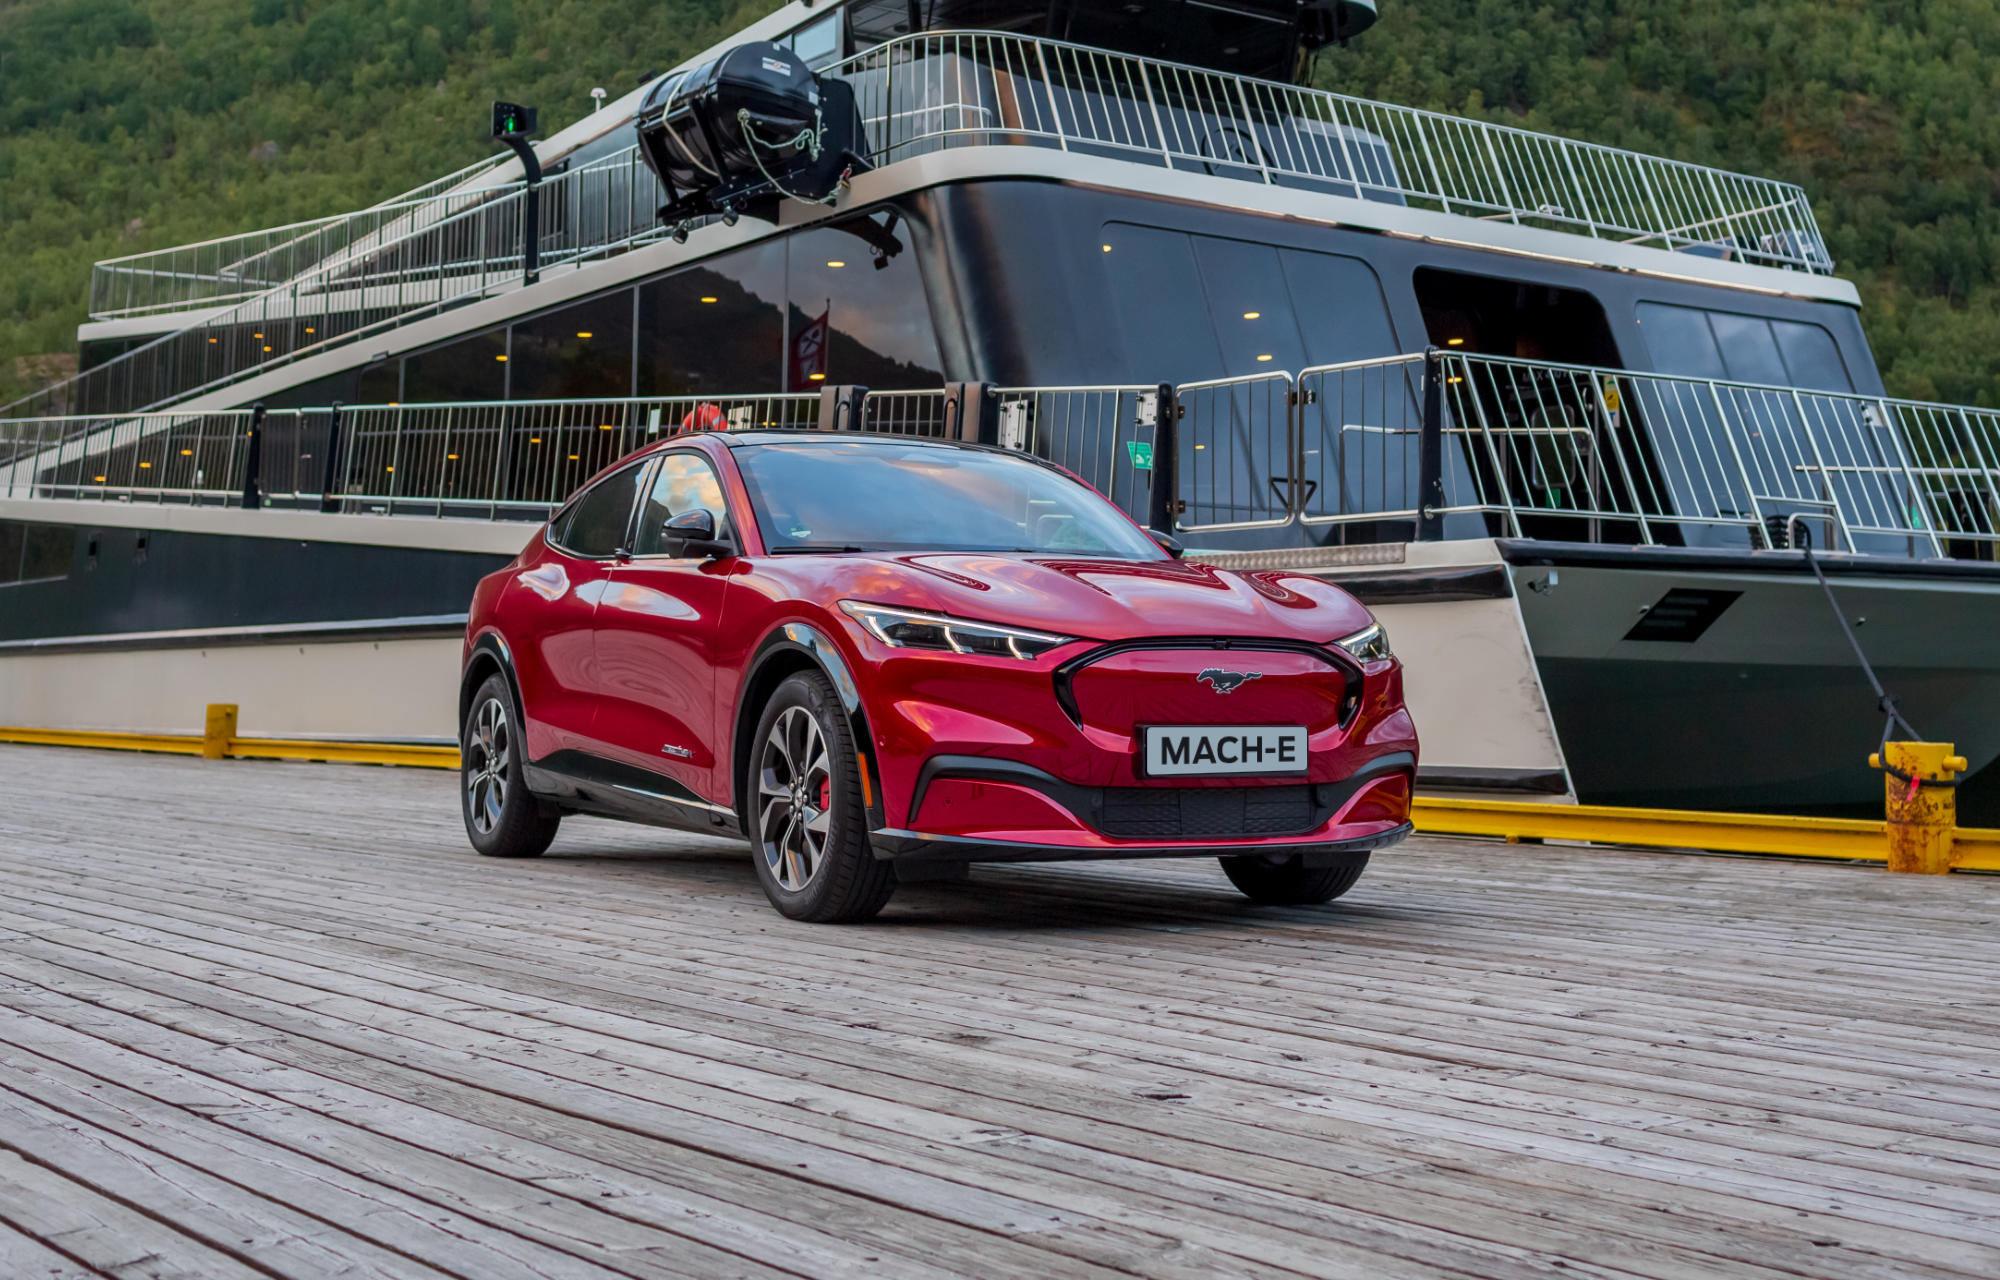 Nå har leveringene av nye Ford Mustang Mach-E begynt!